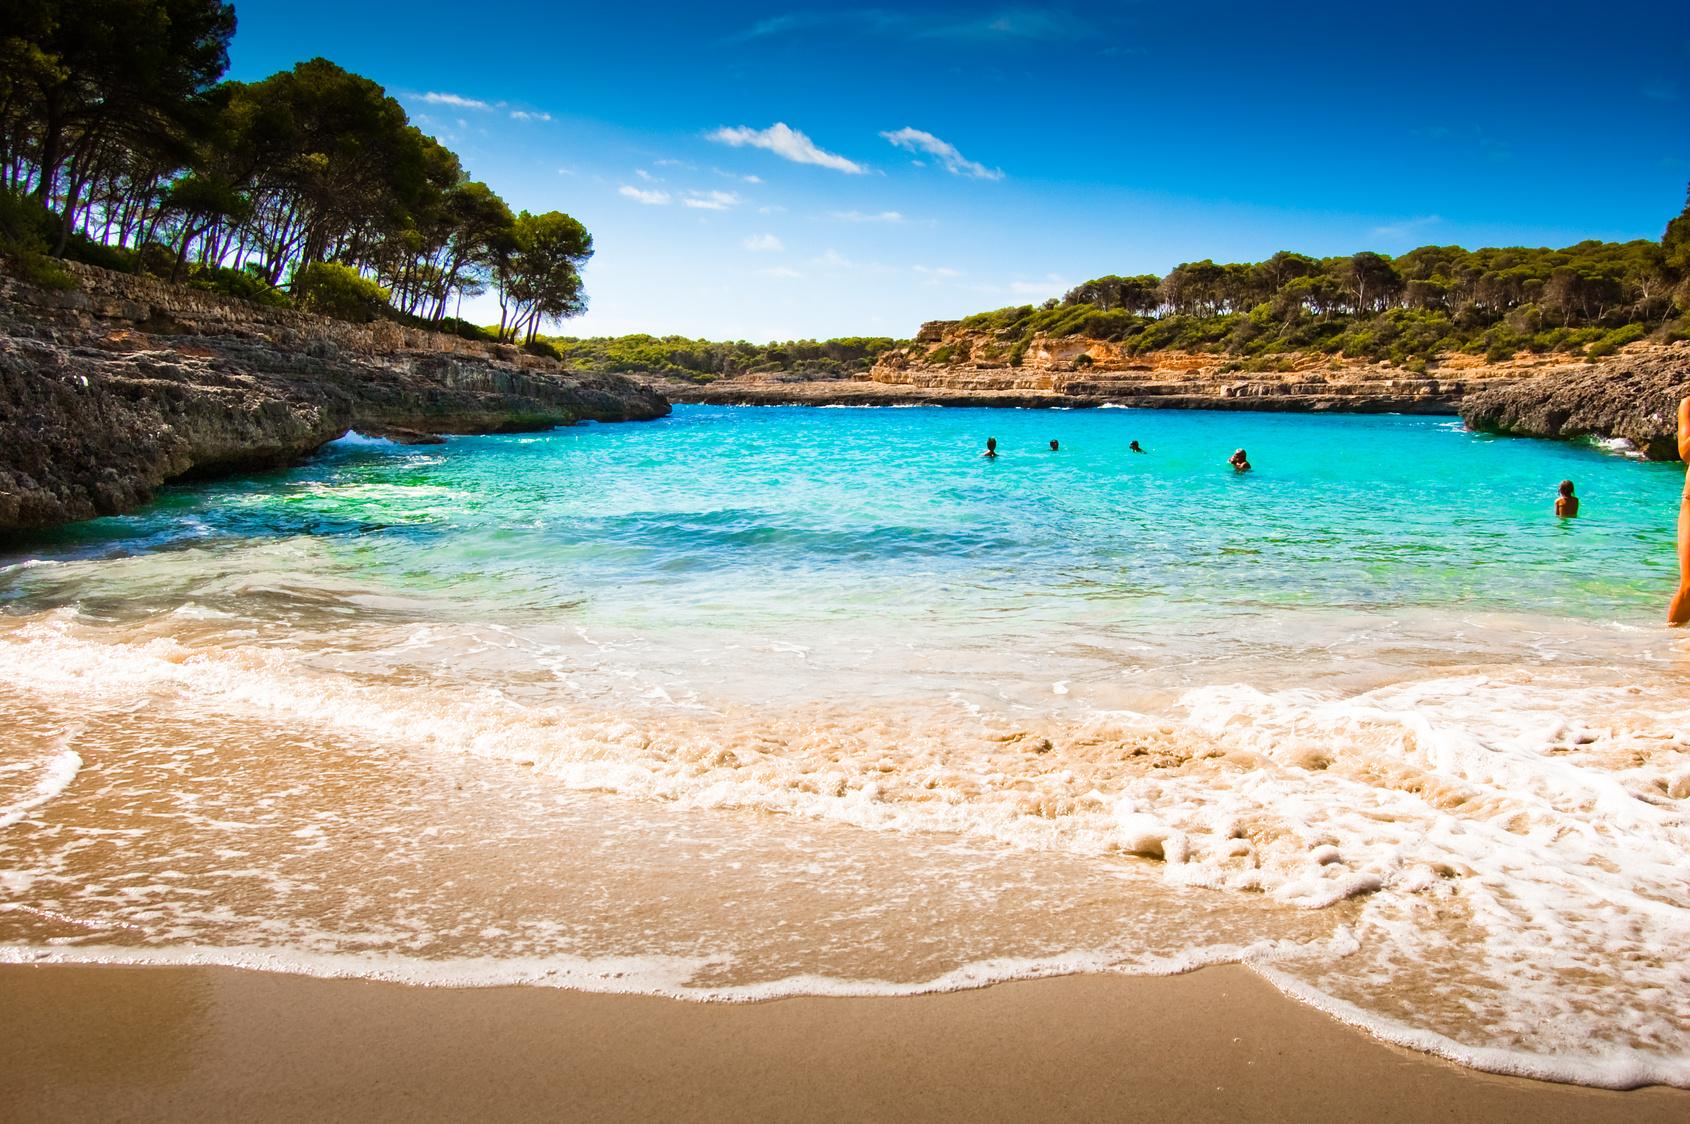 Inhalt des Artikels ist ein Aktivurlaub auf Mallorca.